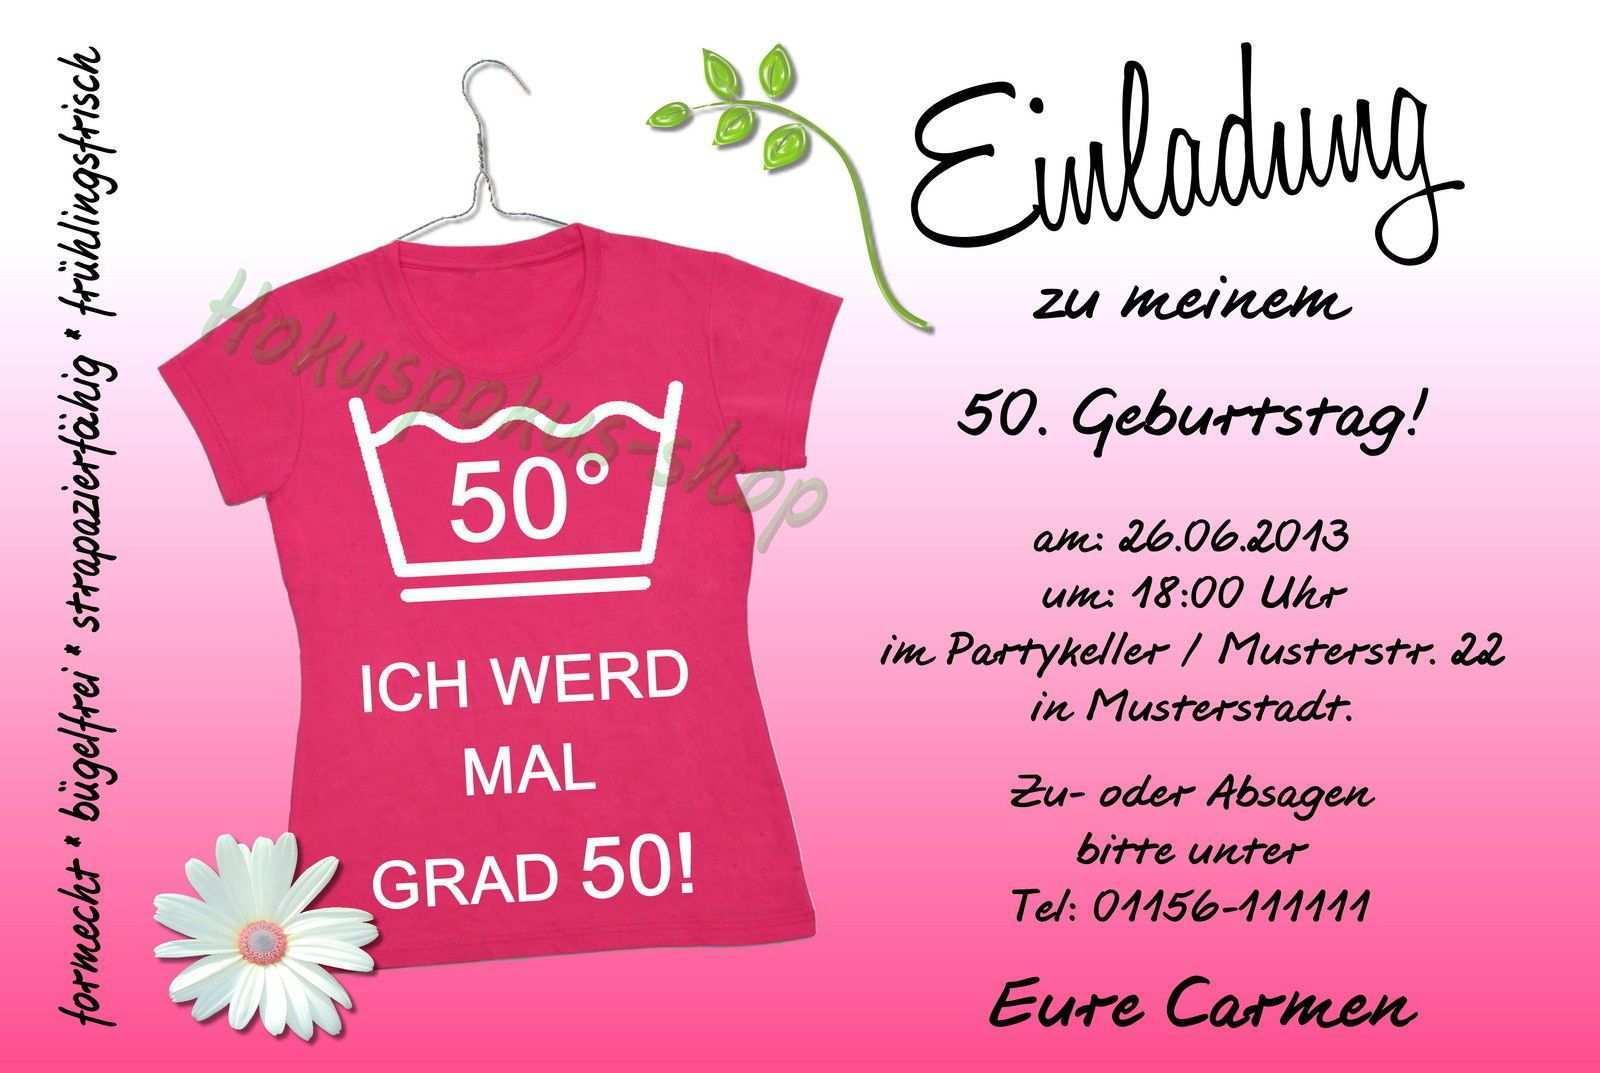 40 Geburtstag Witzige Spruche Heitere Texte Fur Einladungen Zum Einladung Geburtstag Text Einladung 50 Geburtstag Geburtstag Einladung Vorlage